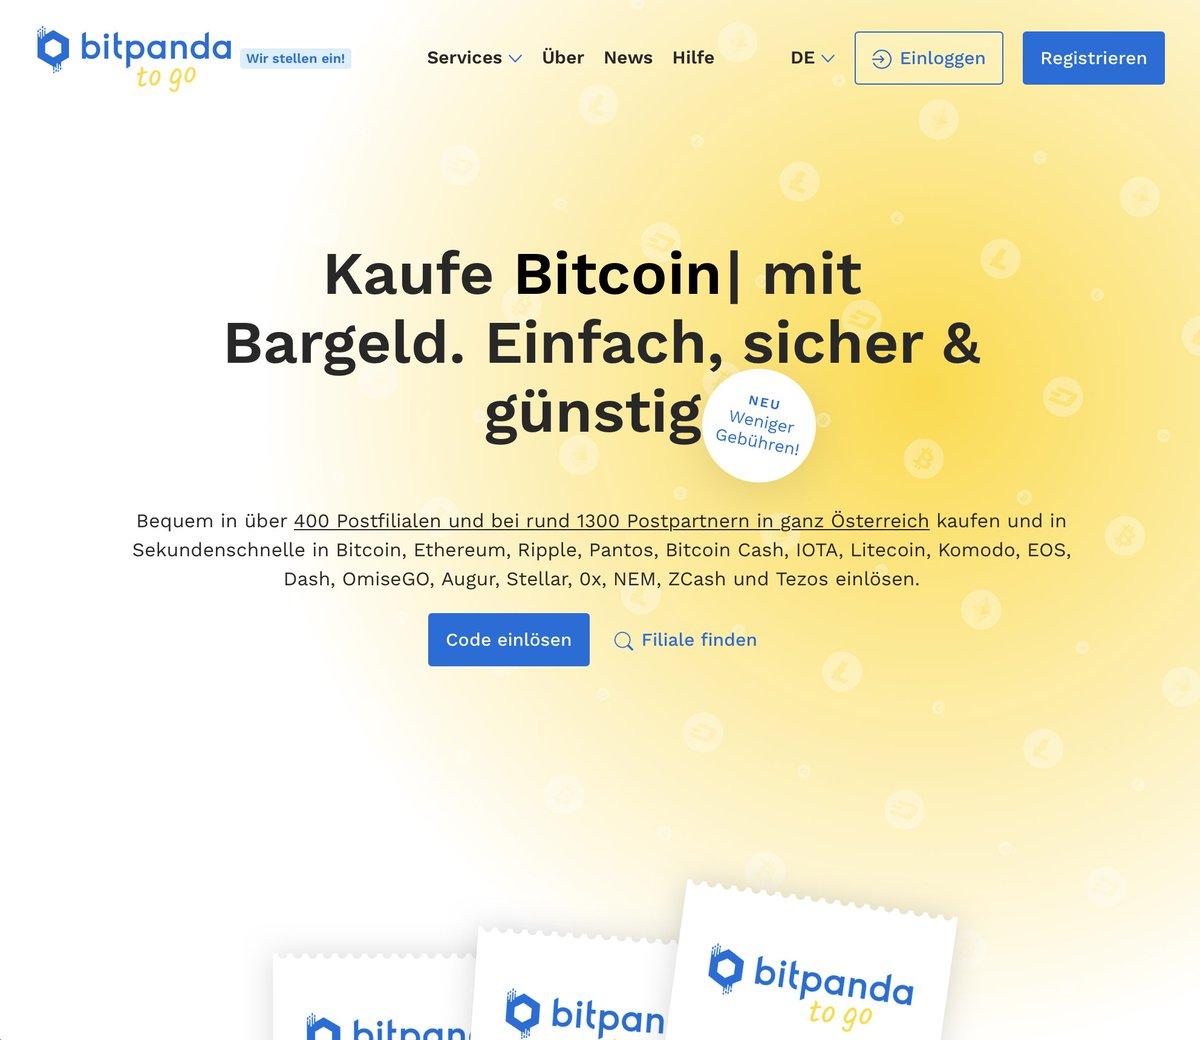 bitcoin kaufen post beste kryptowährungs-investitionsseiten auto bitcoin trader